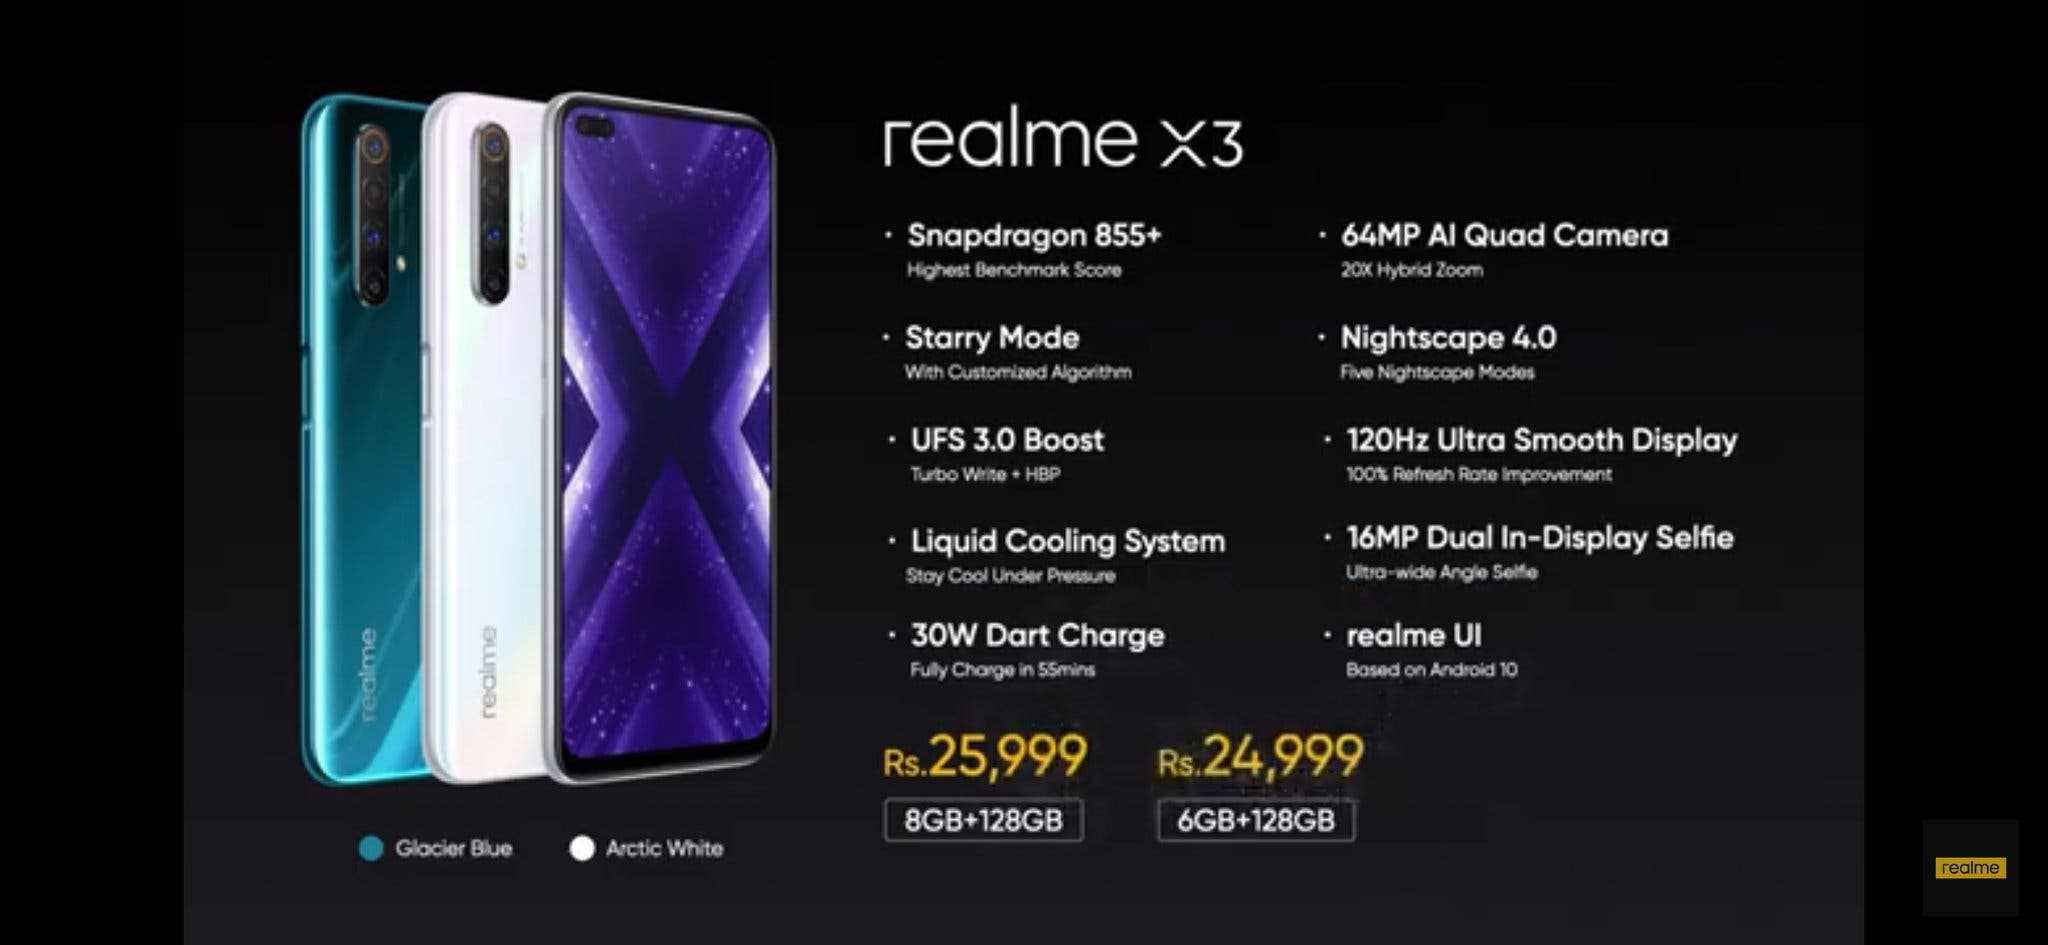 realme x3 sz prices